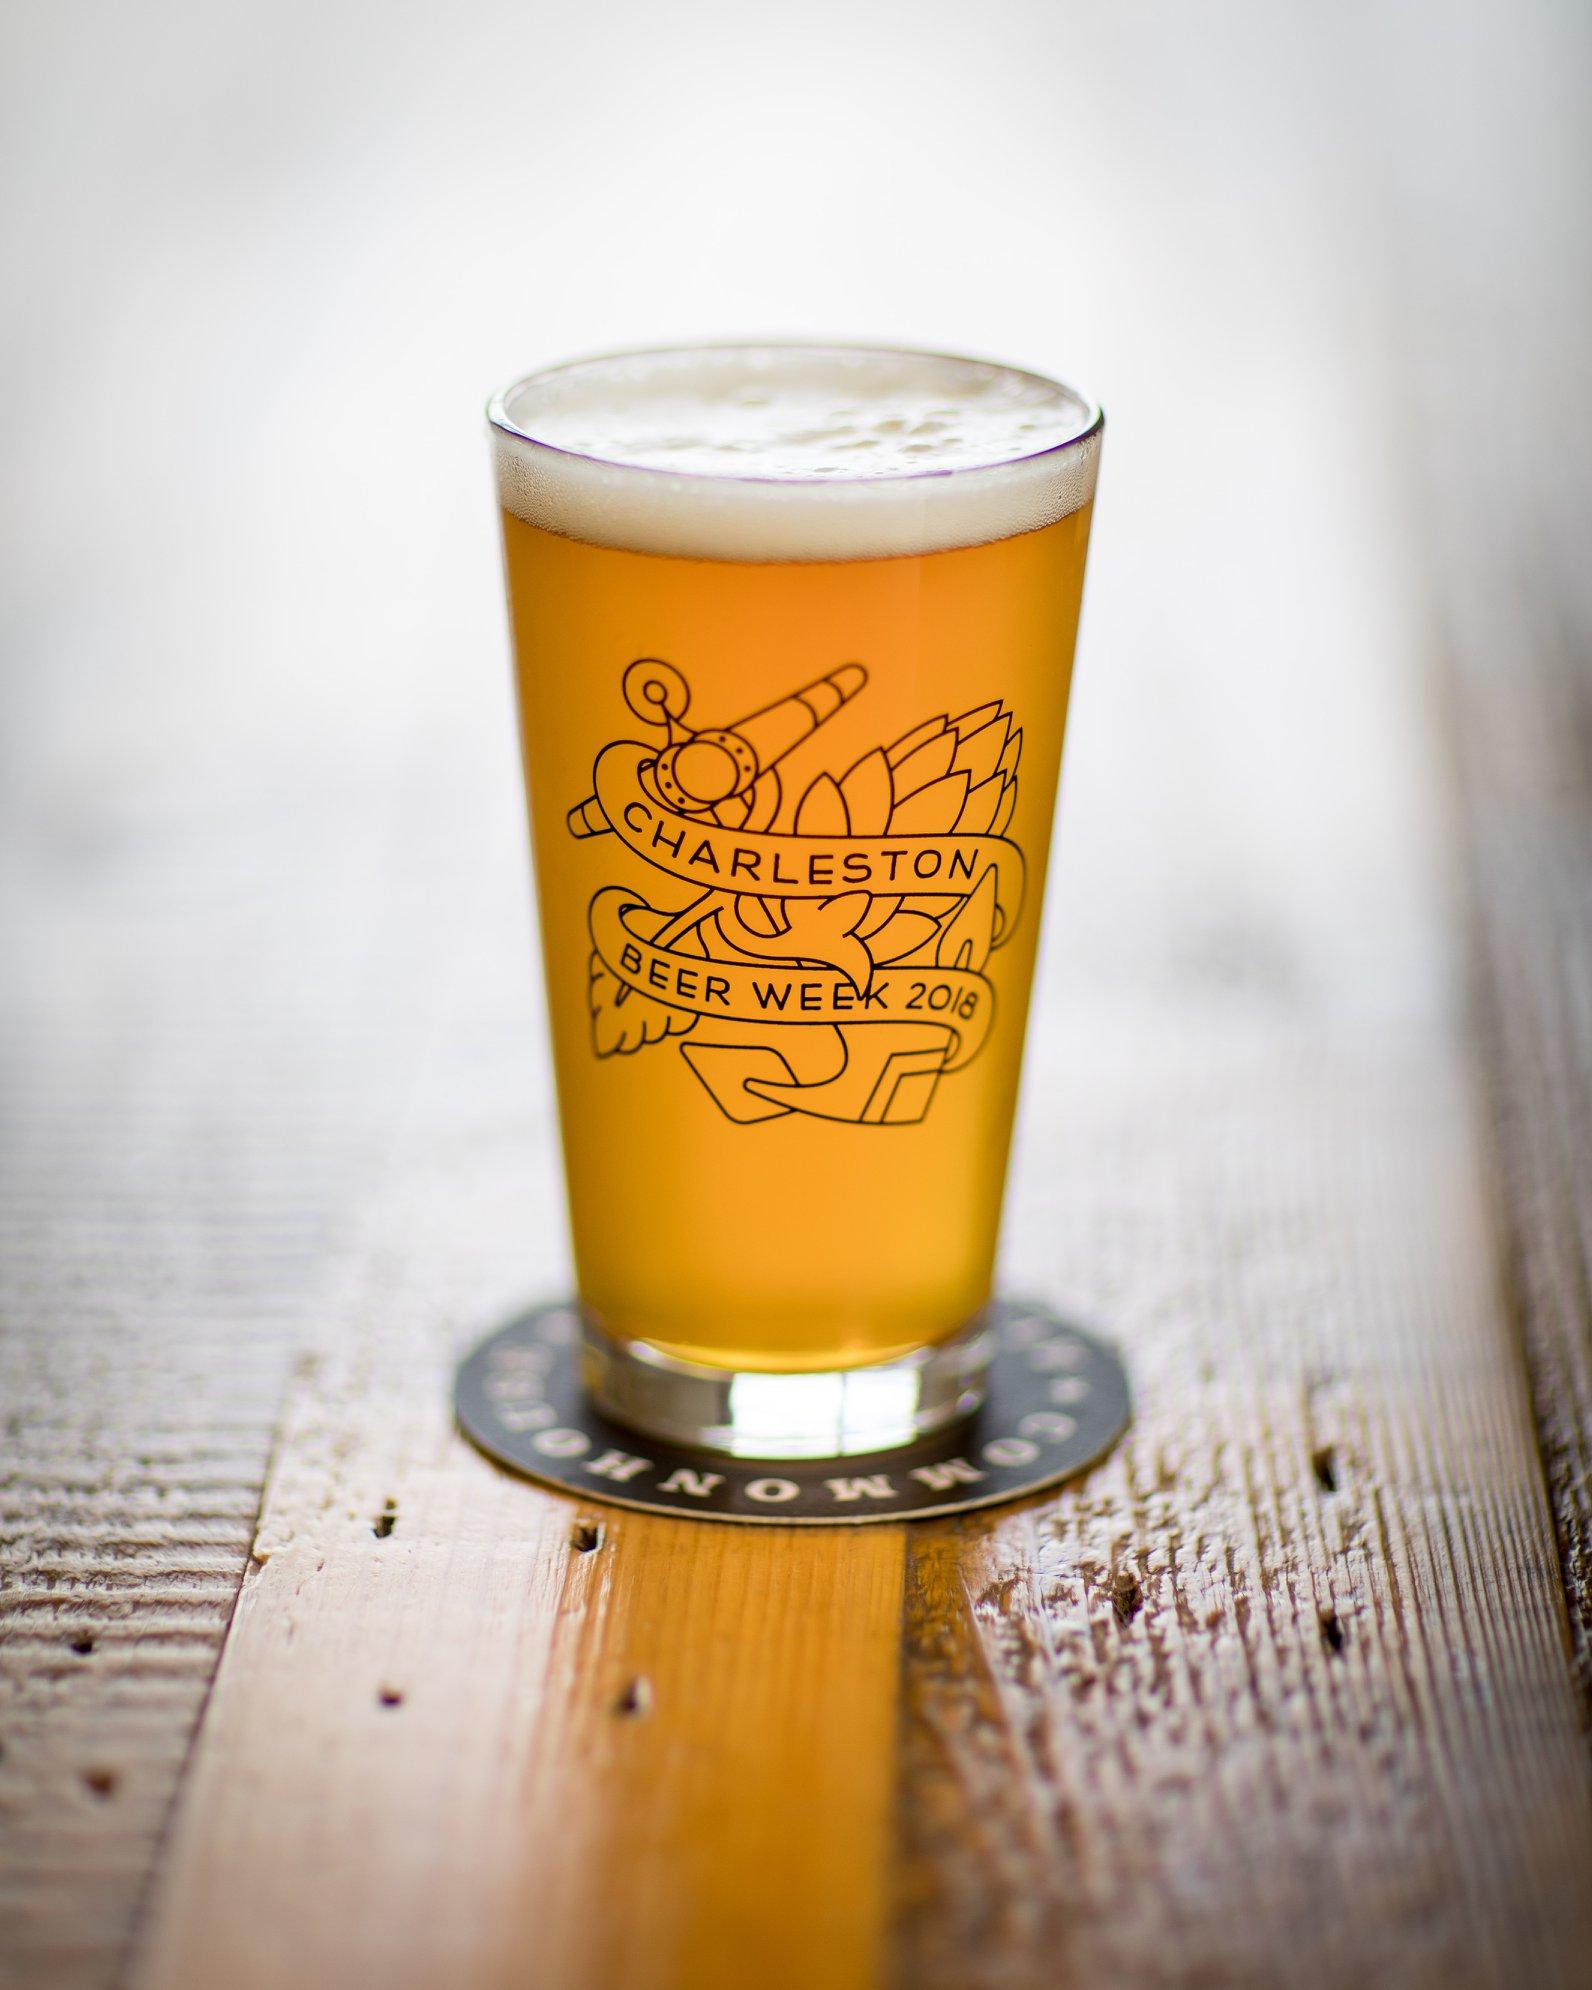 Charleston Beer Week 2018 Pint Glass